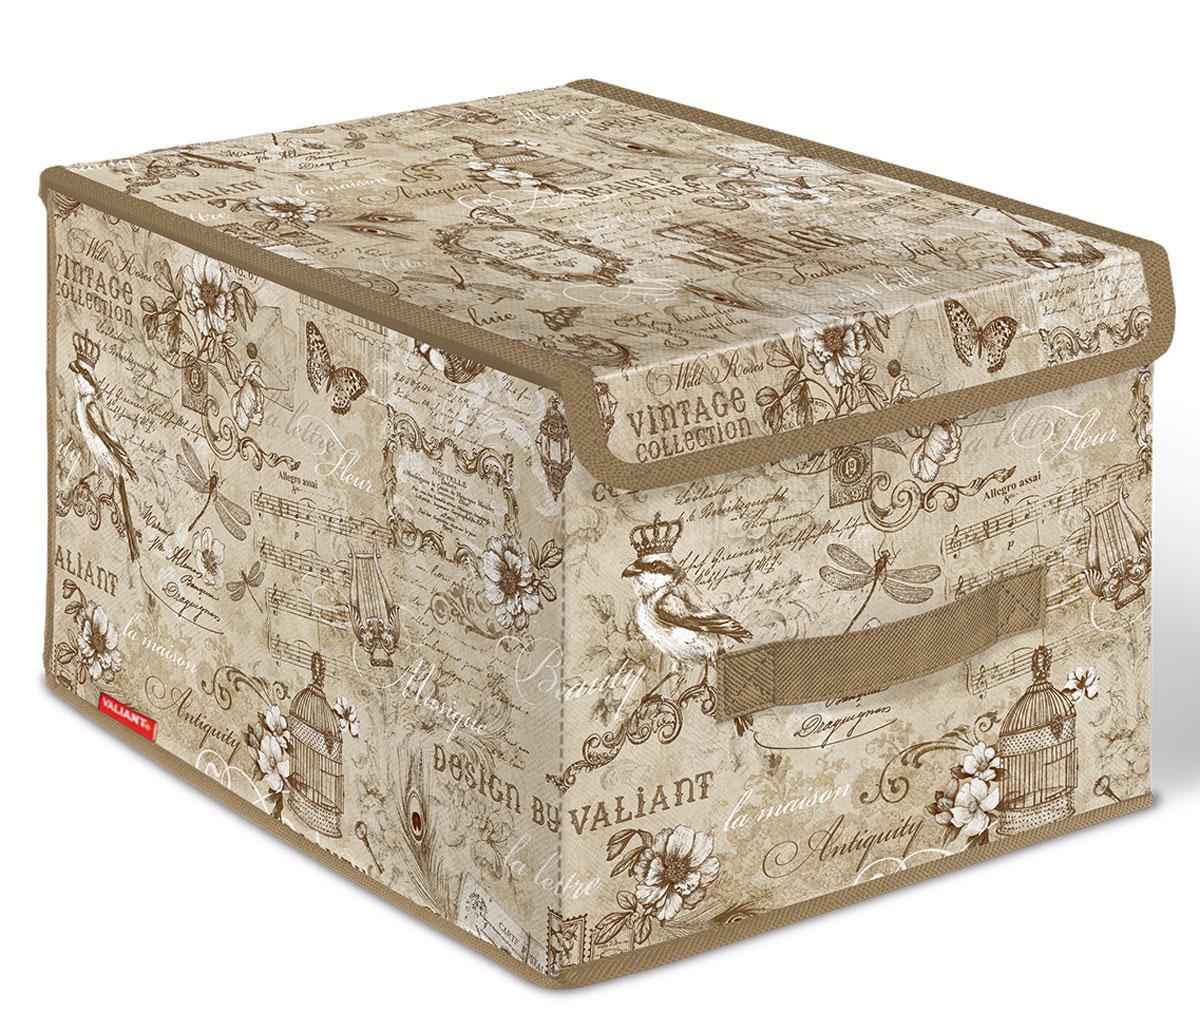 Короб стеллажный Valiant Vintage, с крышкой, 30 x 40 x 25 смVN-BOX-LMСтеллажный короб Valiant Vintage изготовлен из высококачественного нетканого материала, который обеспечивает естественную вентиляцию, позволяя воздуху проникать внутрь, но не пропускает пыль. Вставки из плотного картона хорошо держат форму. Короб снабжен специальной крышкой, которая фиксируется с помощью двух магнитов. Изделие отличается мобильностью: легко раскладывается и складывается. В таком коробе удобно хранить одежду, белье и мелкие аксессуары.Системы хранения в едином дизайне сделают вашу гардеробную изысканной и невероятно стильной.